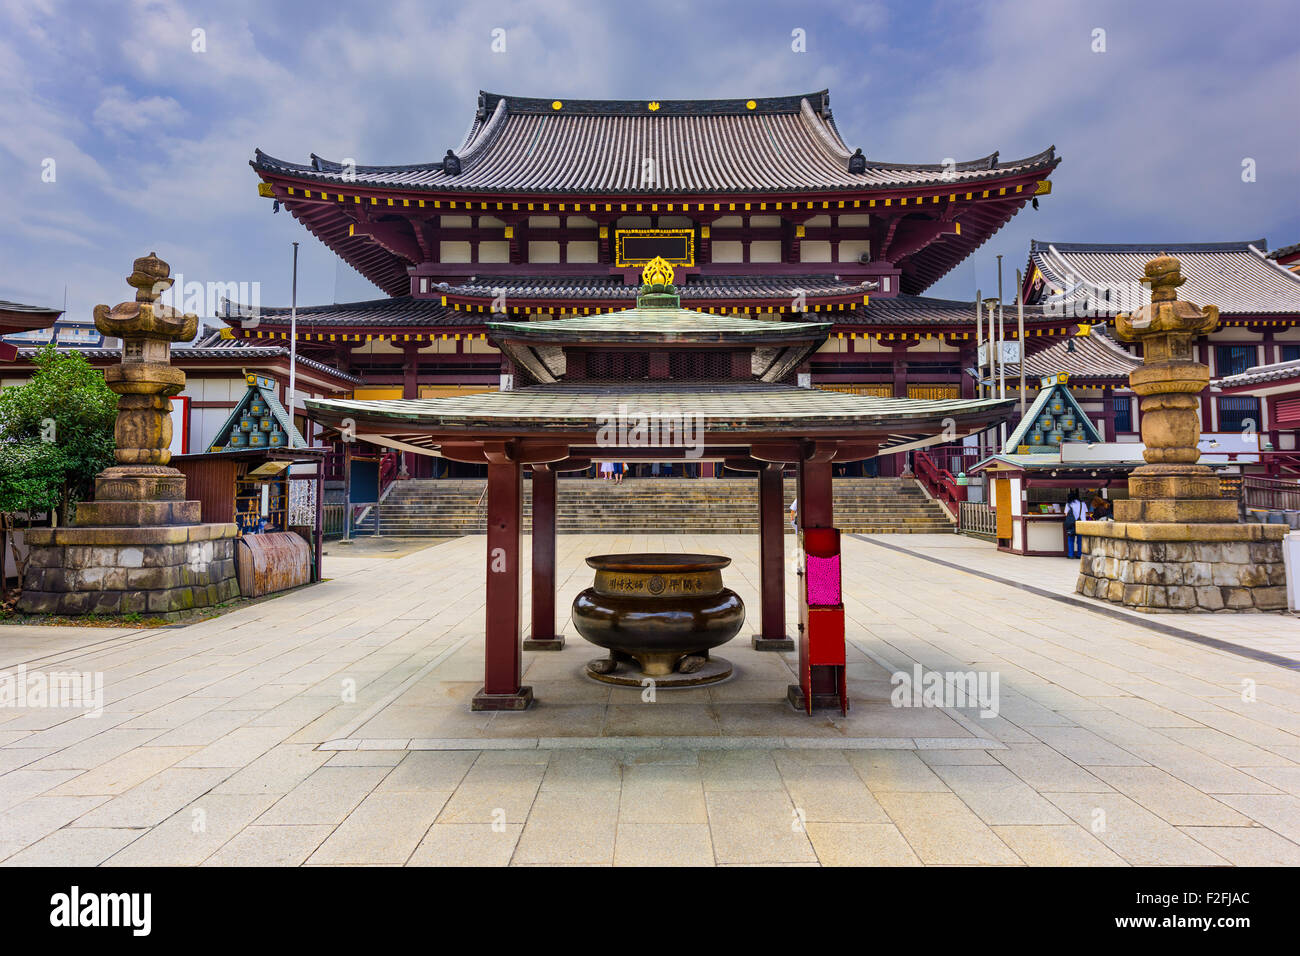 Kawasaki Daishi Shrine, formally known as Heiken-ji in Kawasaki, Japan. - Stock Image